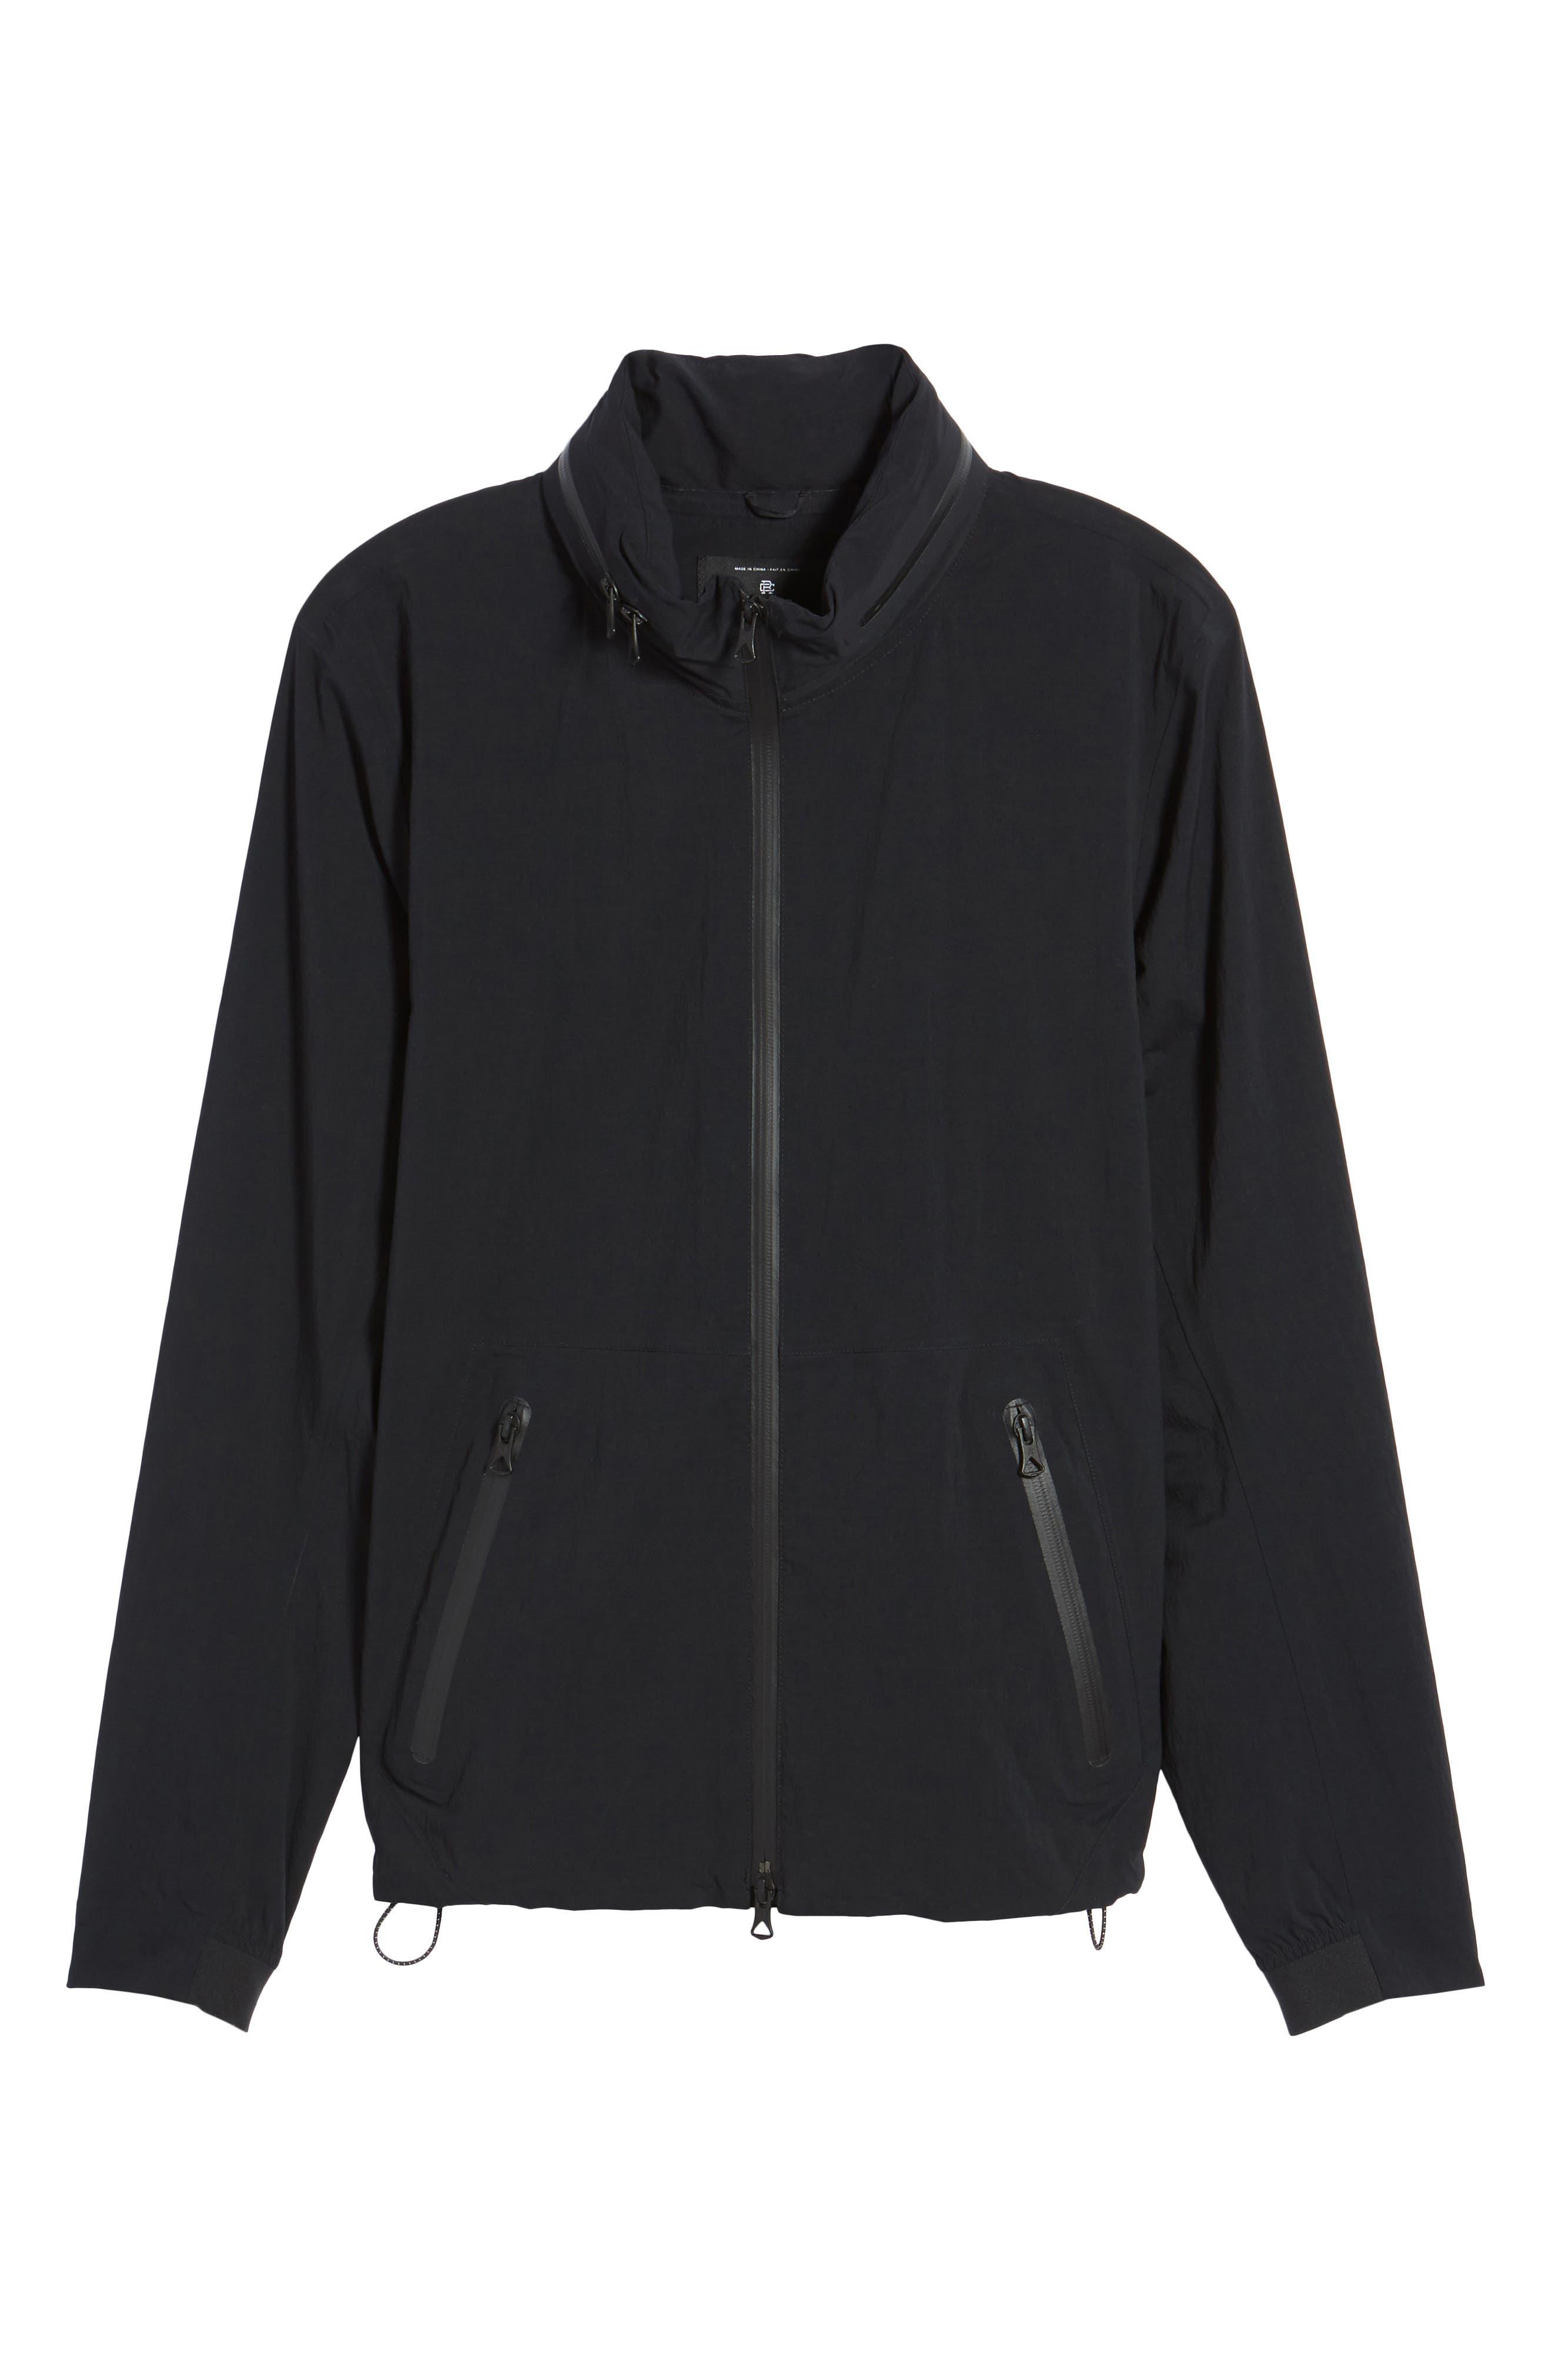 Stow Away Hood Waterproof Jacket,                             Alternate thumbnail 5, color,                             001